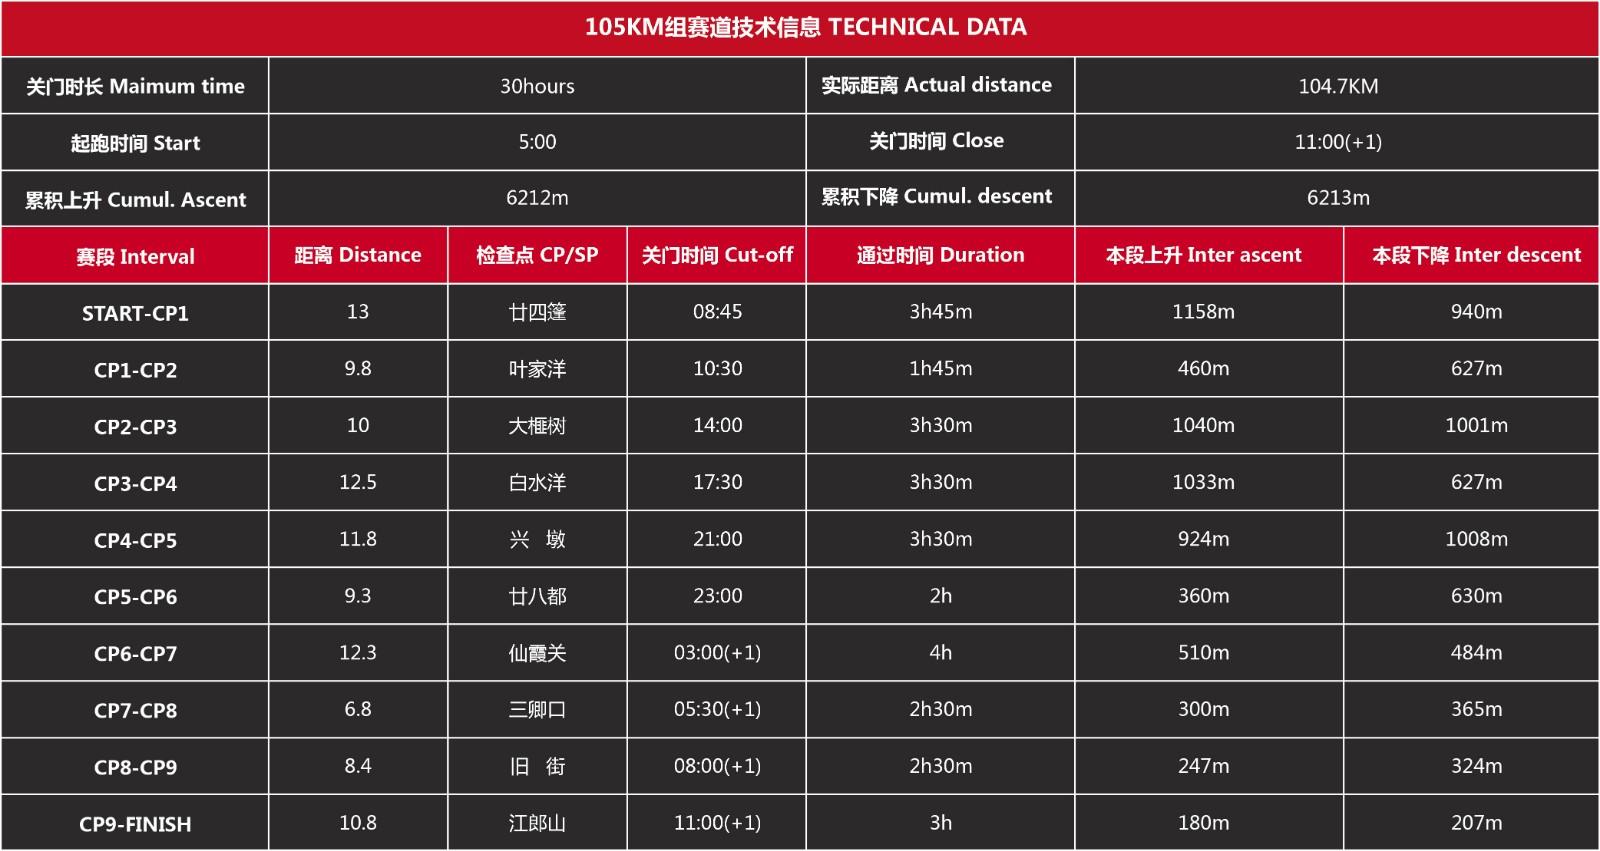 105公里组赛道数据.jpg